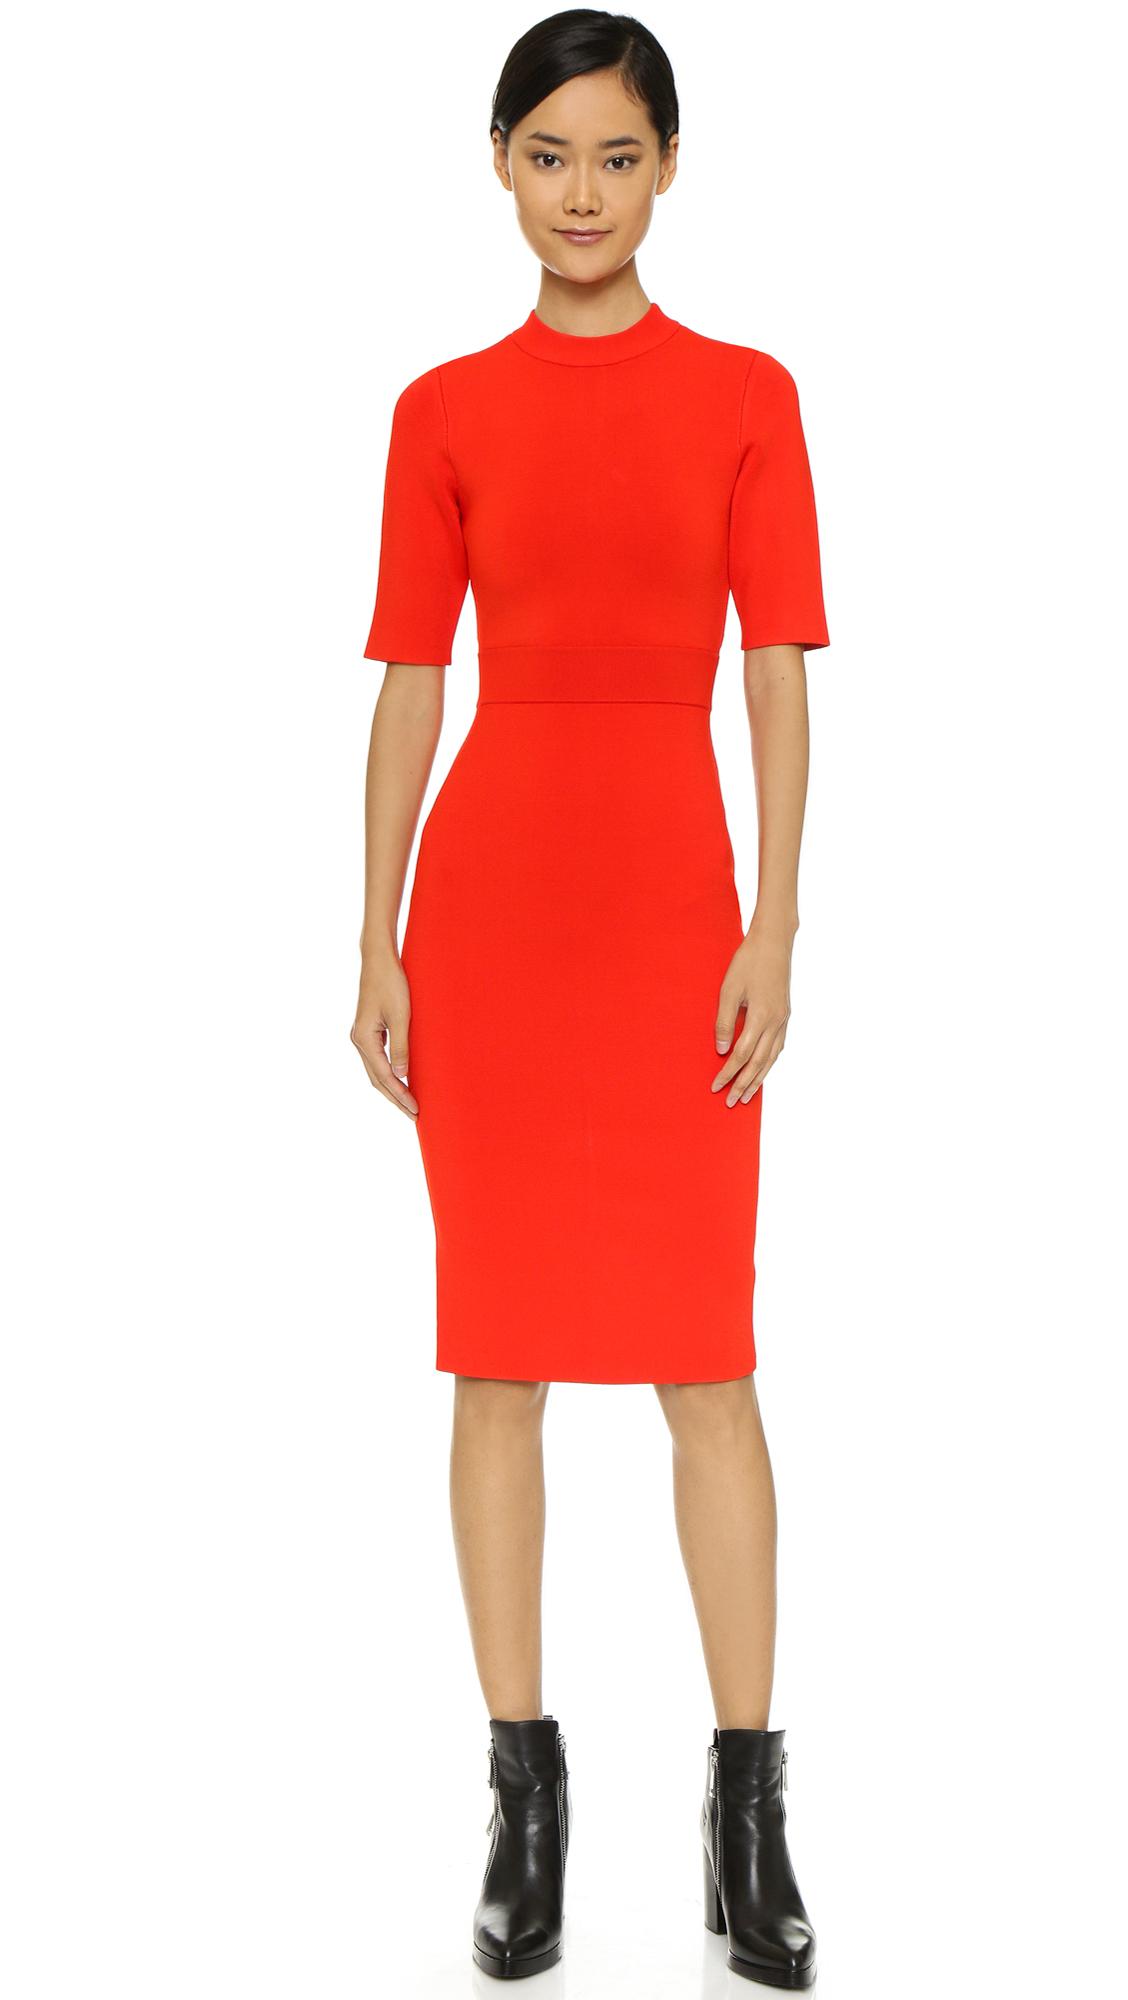 A.L.C. Scoppa Dress in Red - Lyst